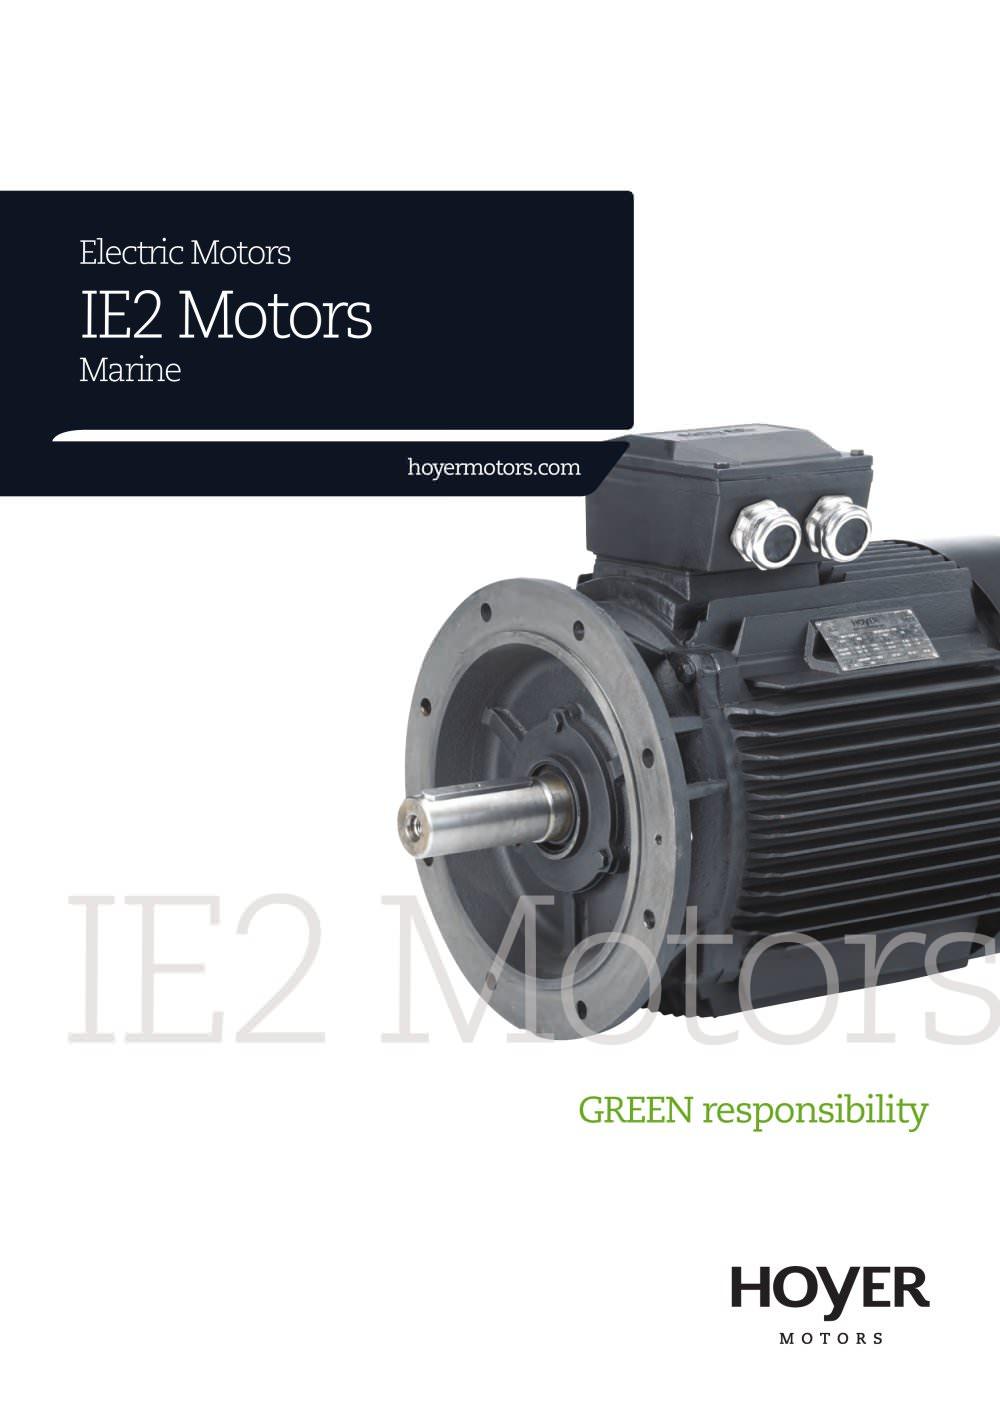 Hoyer motor catalogue